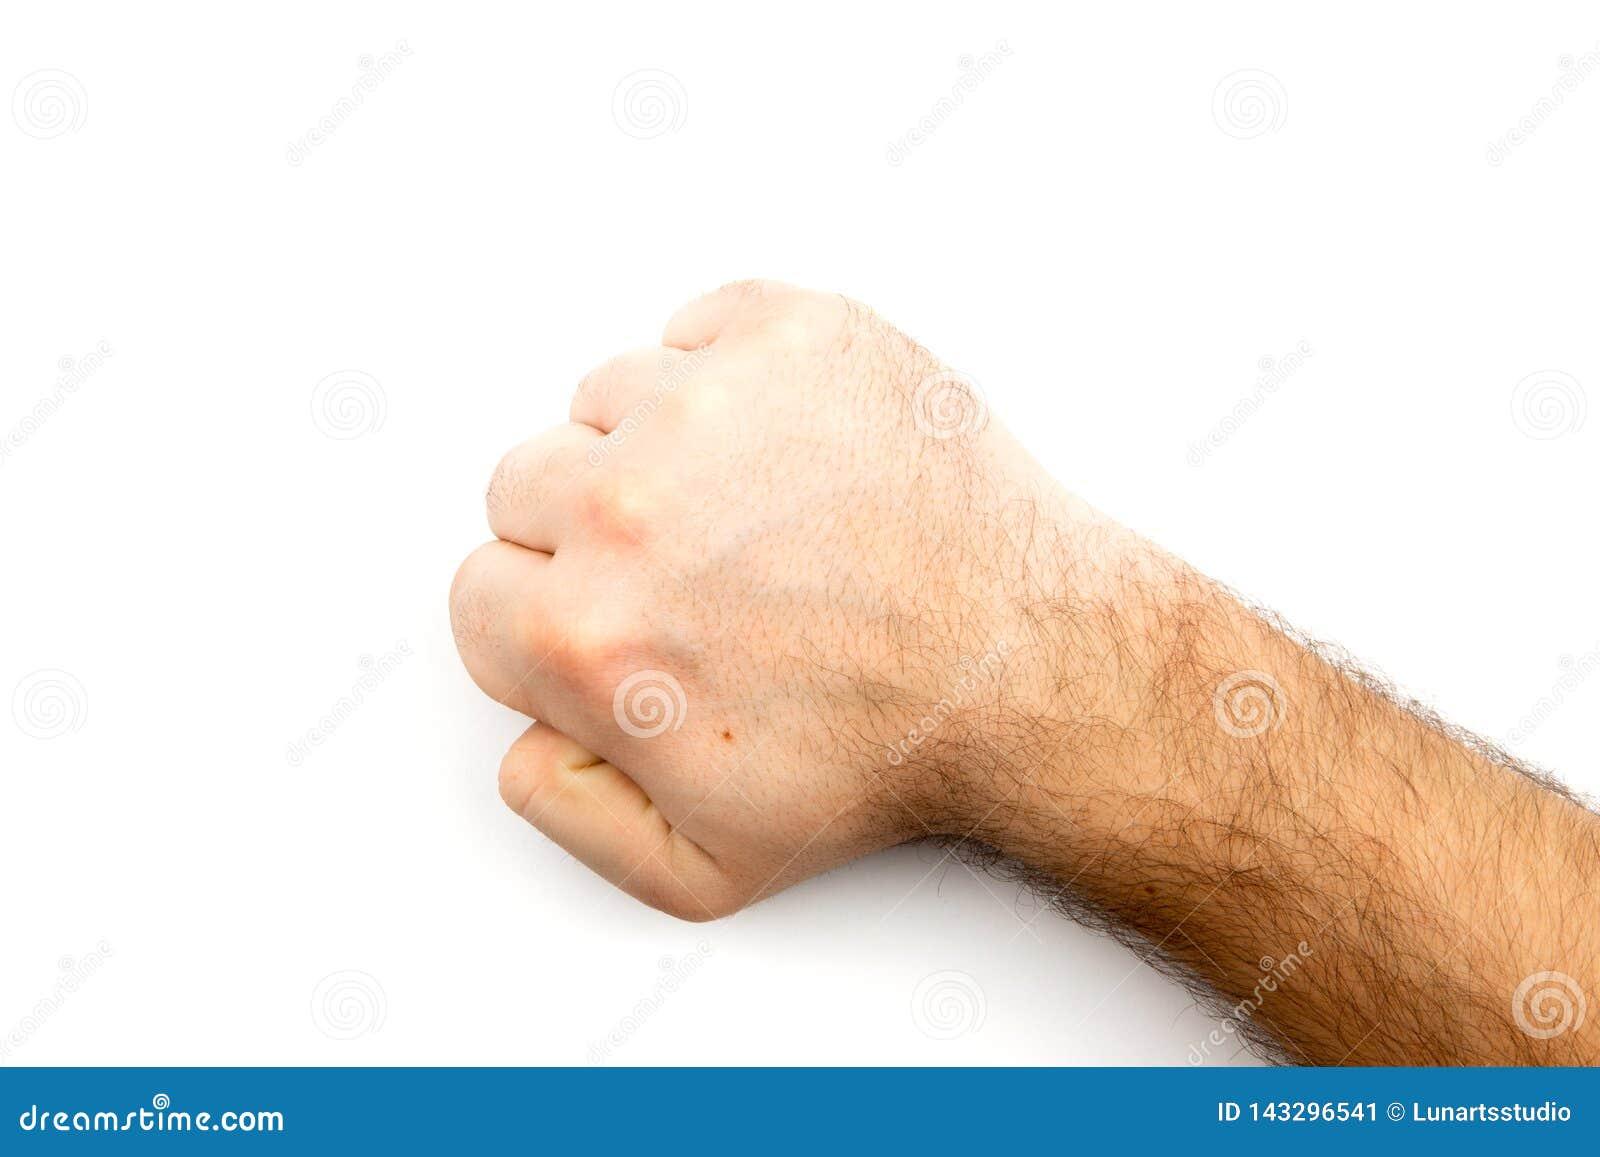 La mano pelosa maschio mostra il pugno che simbolizza il pericolo, il crimine, colpo, lotta isolato su fondo bianco